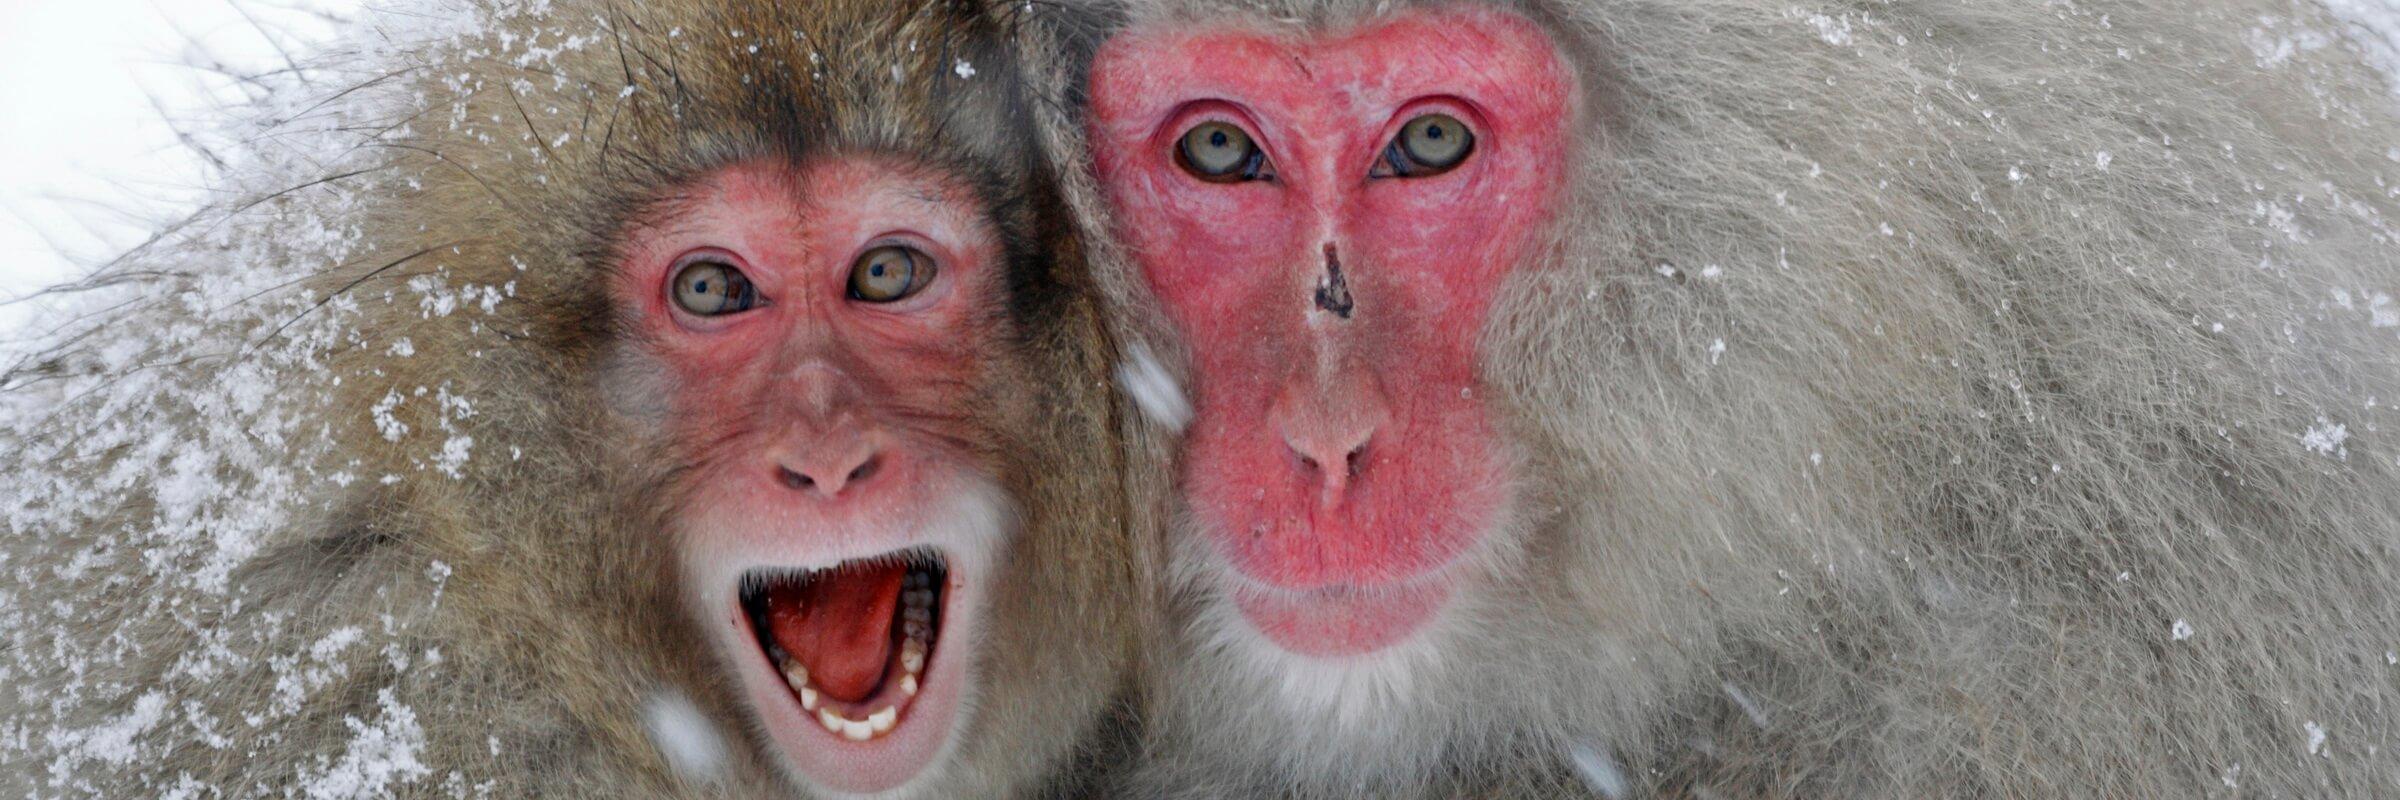 Wohl eins der spektakulärsten Naturschauspiele sind die badenen Schneeaffen oder auch Rotgesichtmakaken im Jigokudani Affenpark.